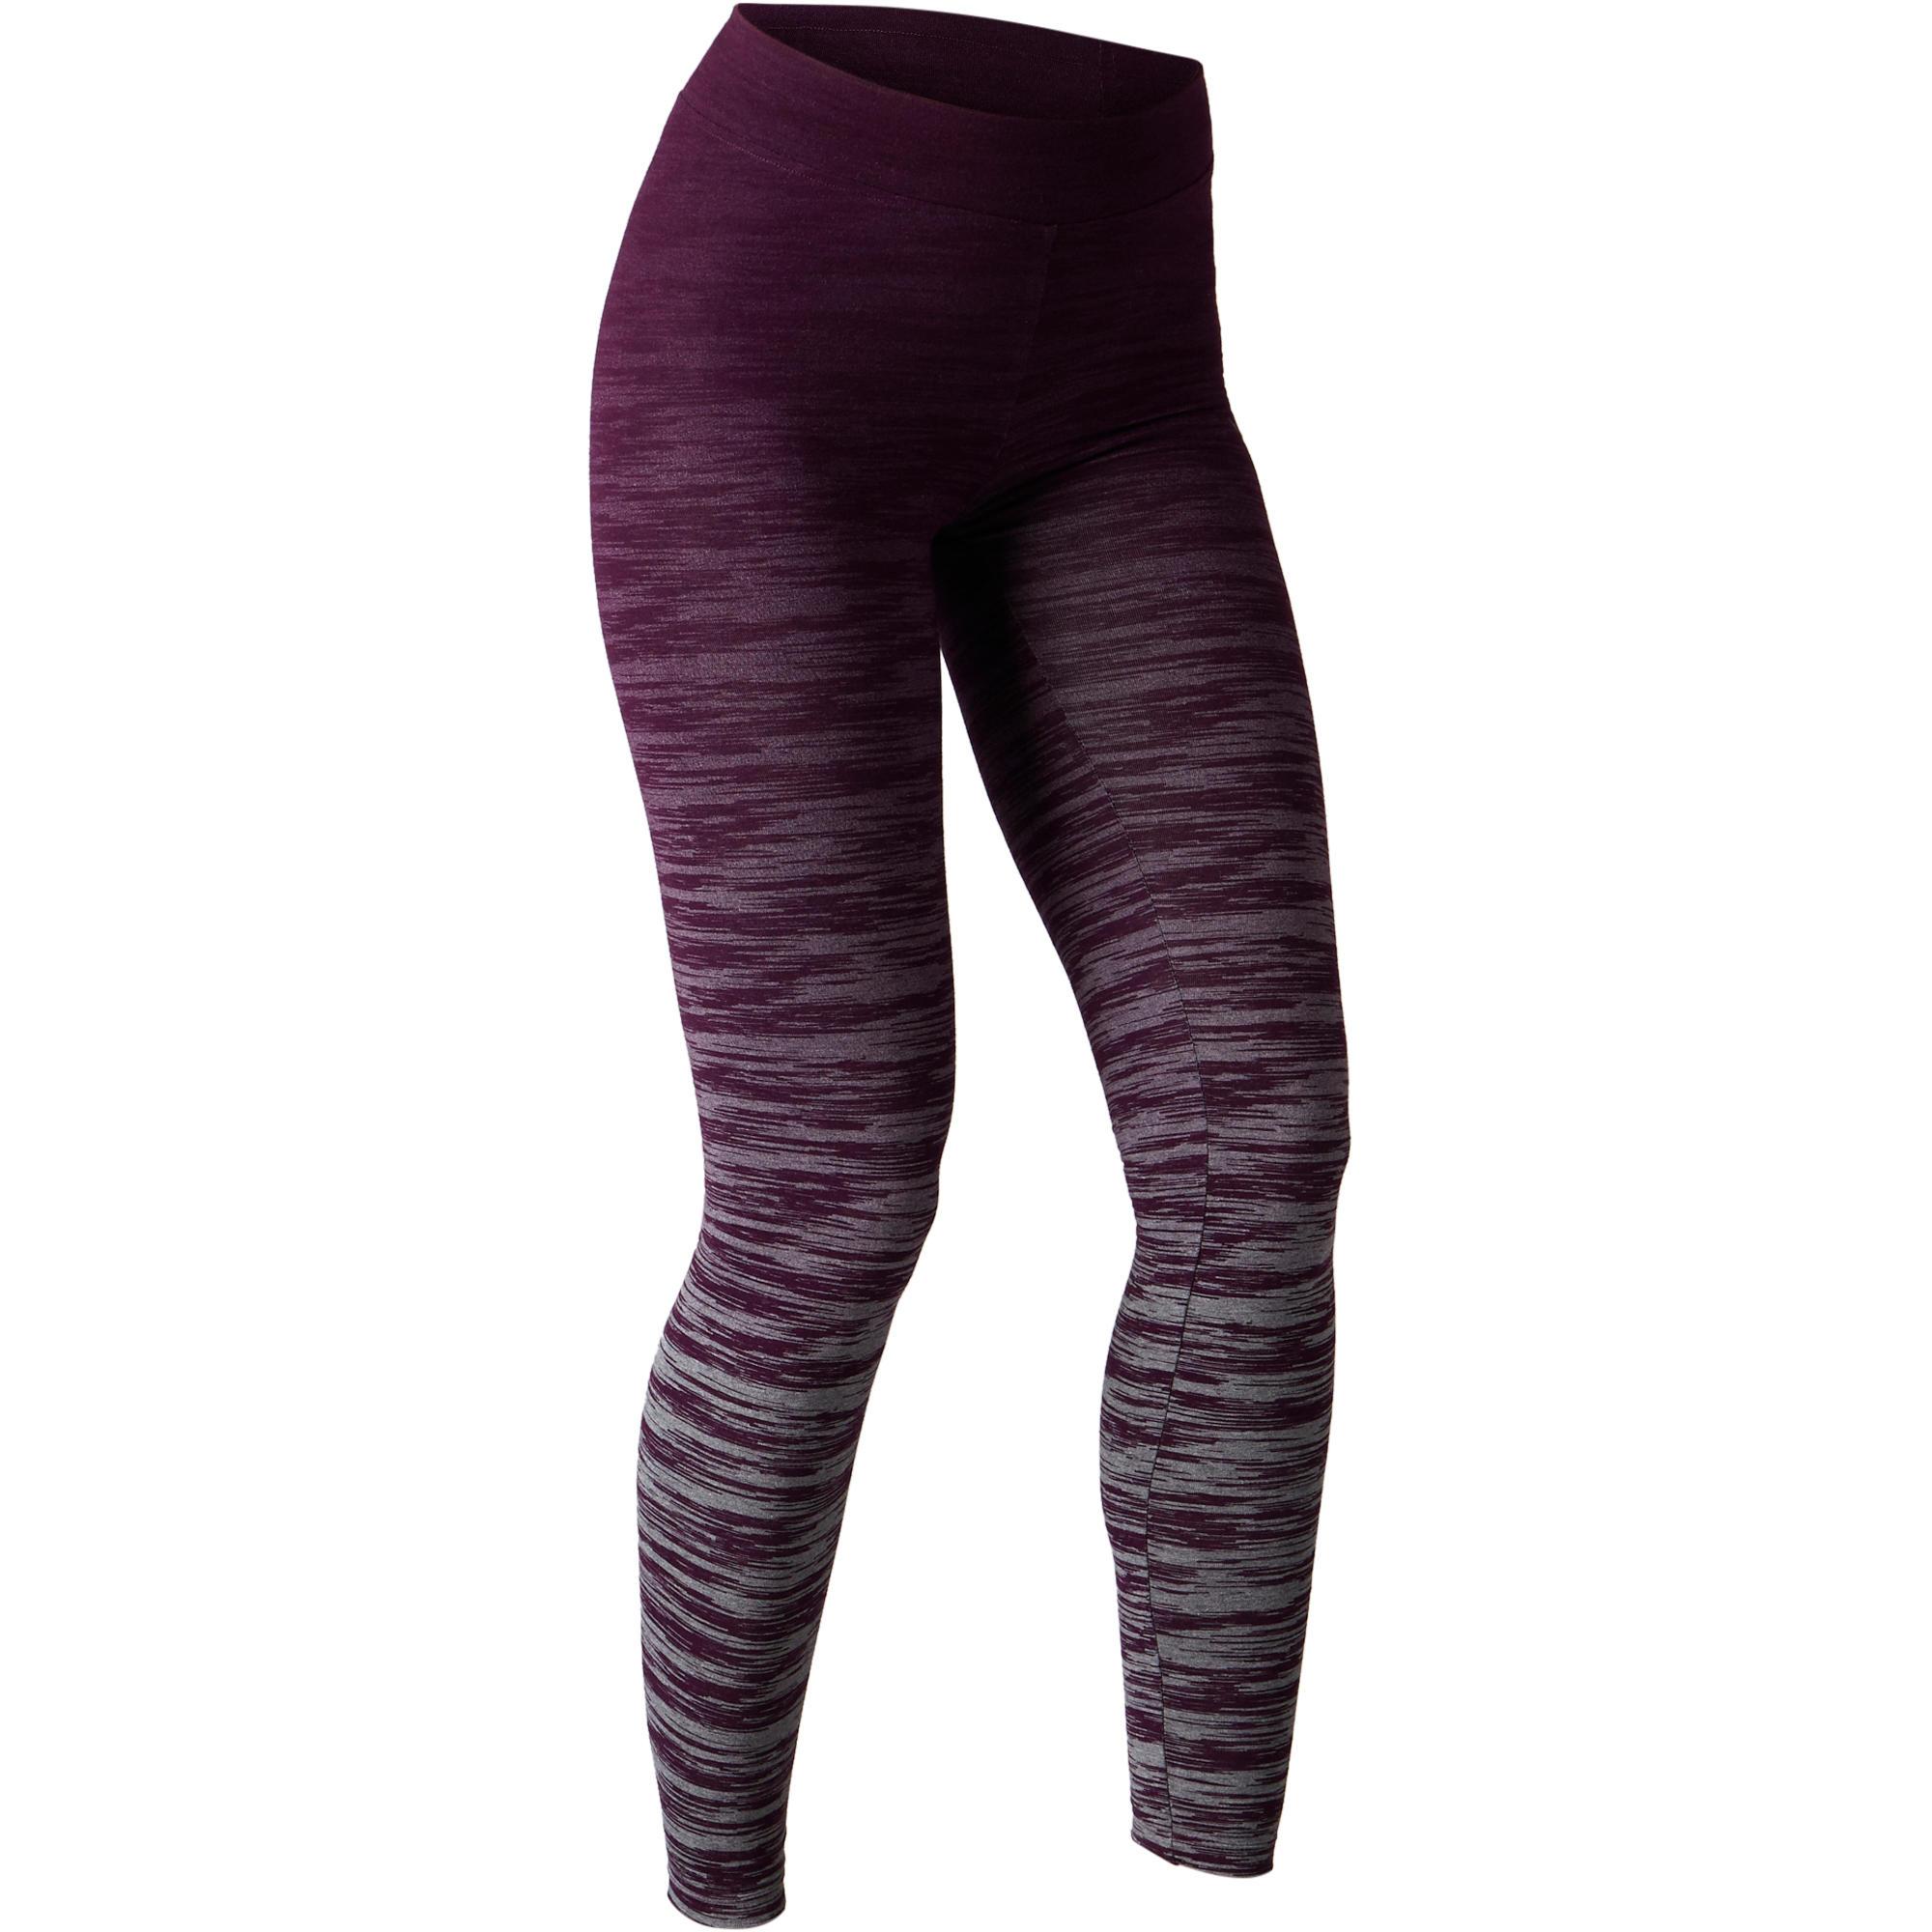 Legging FORME+ 500 slim Gym étirements femme violet/gris AOP